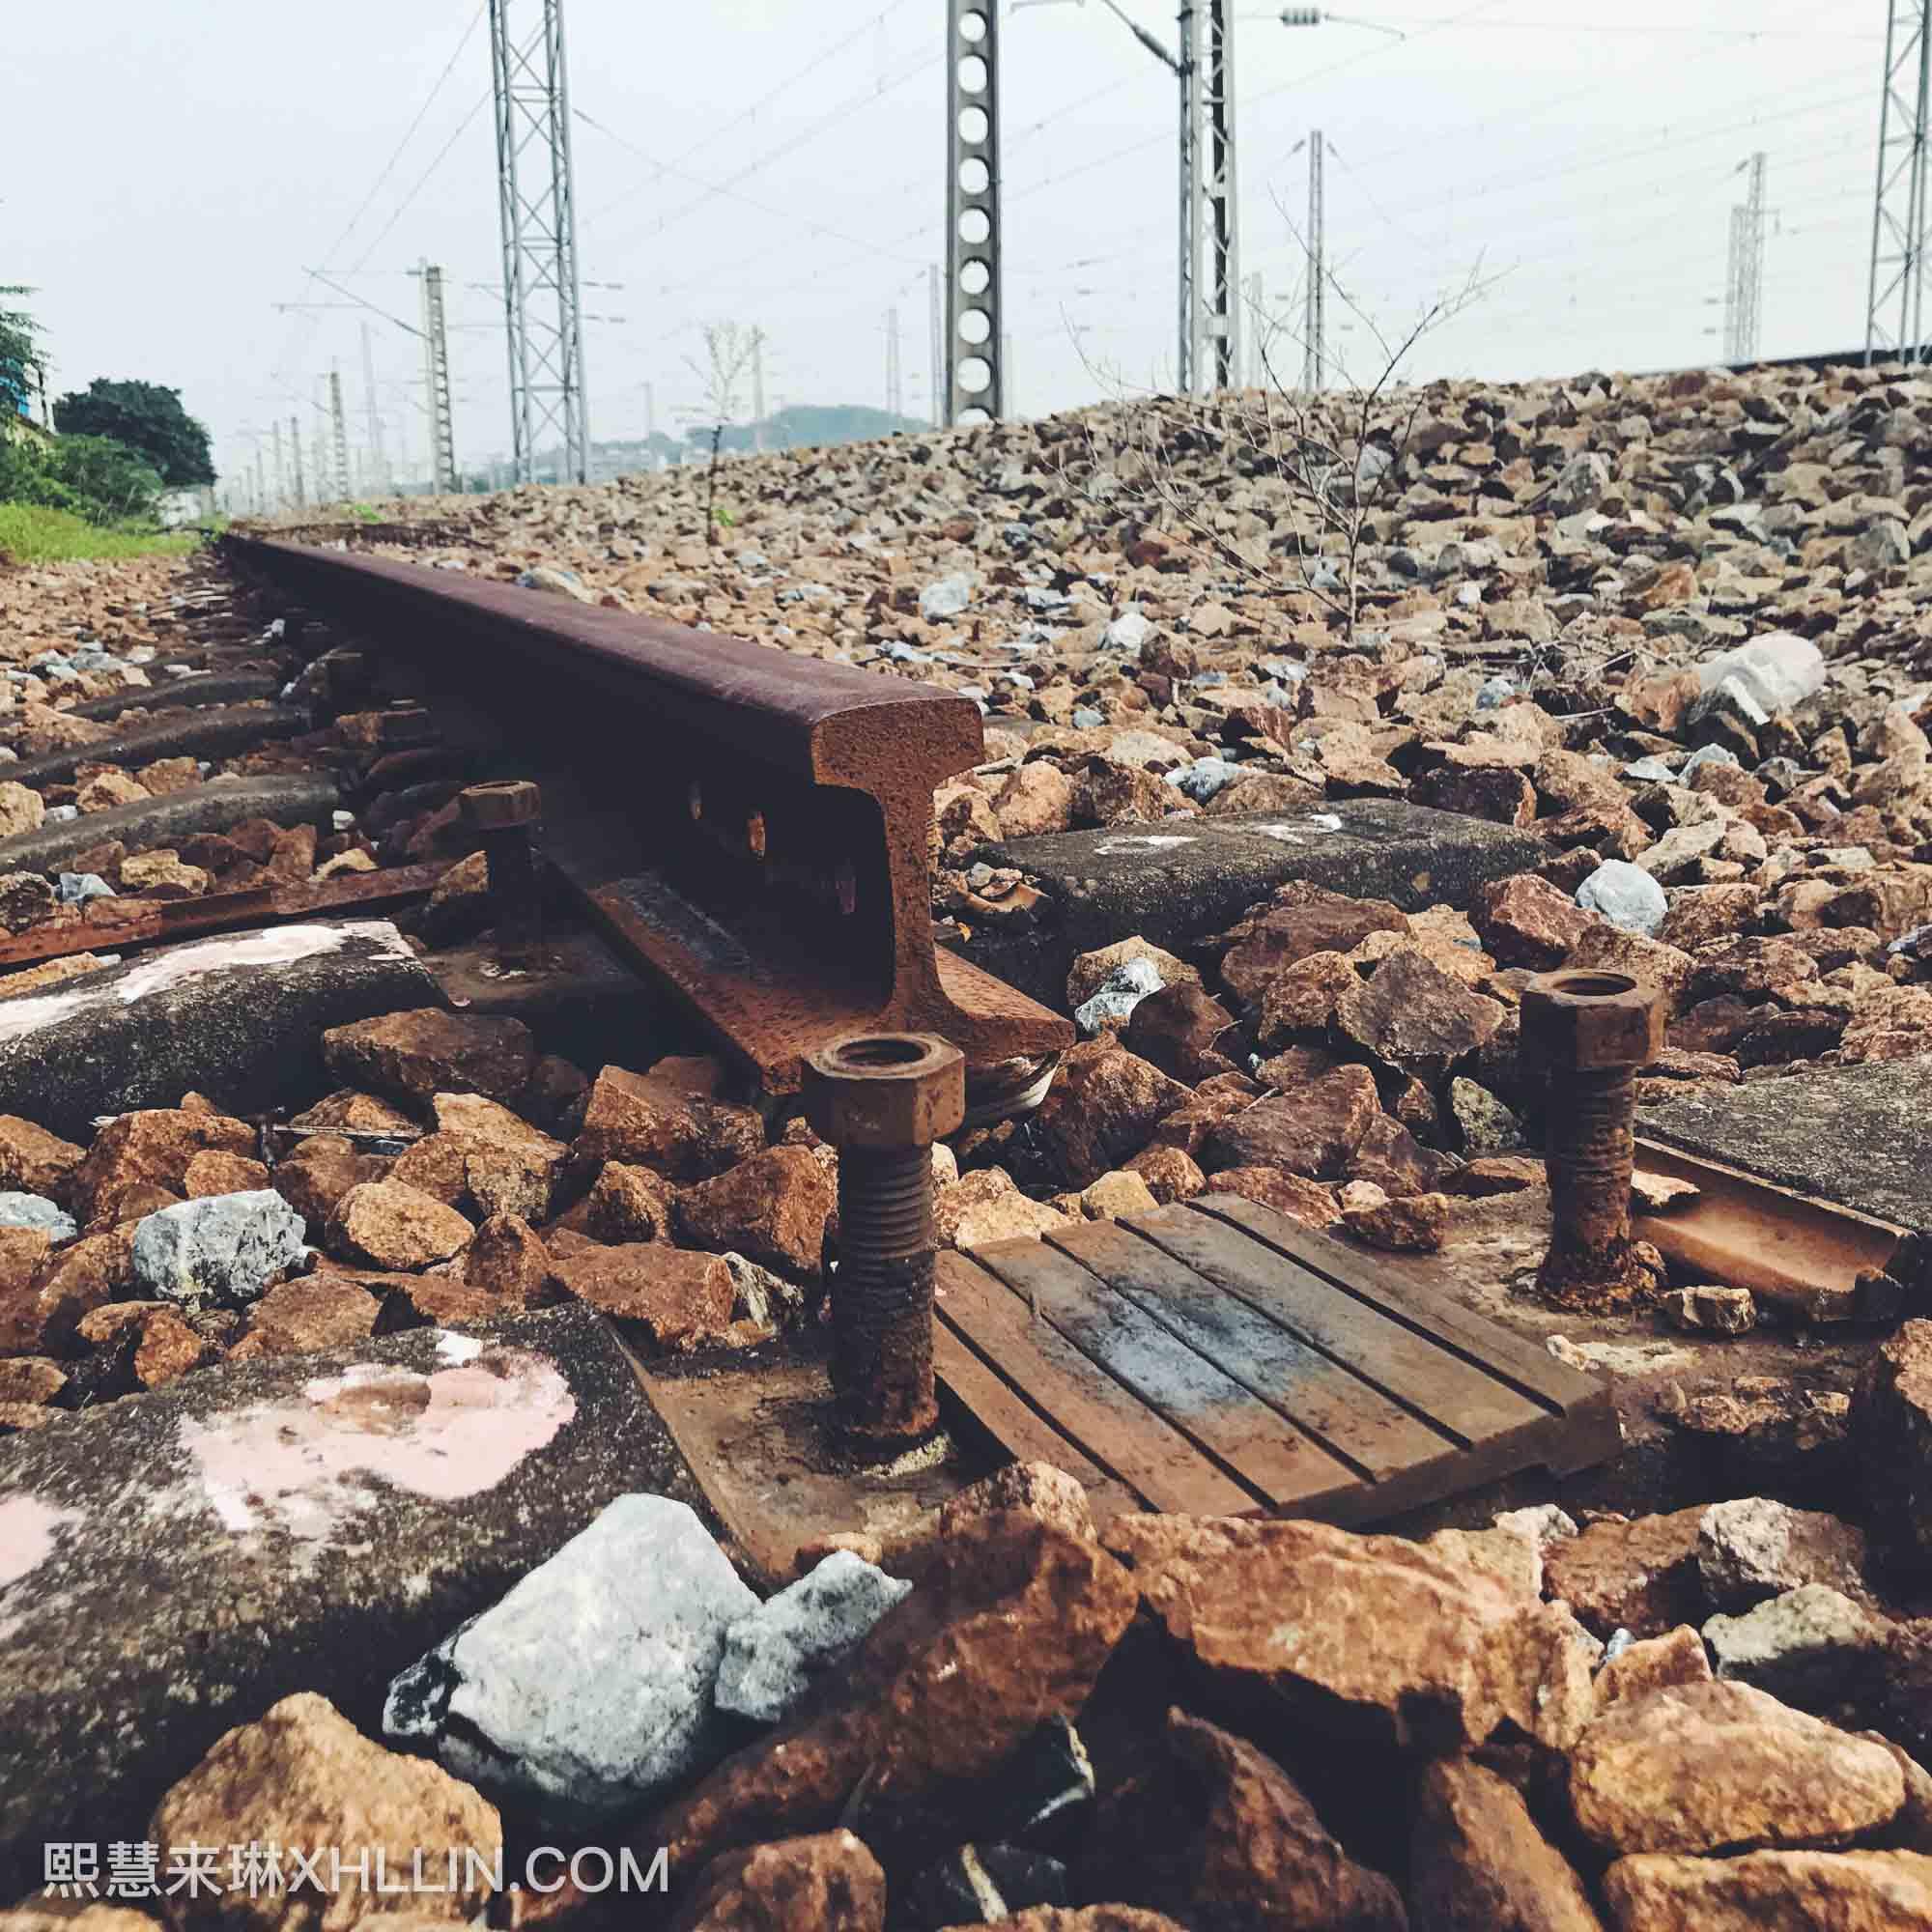 《手机摄影中的铁路生活》